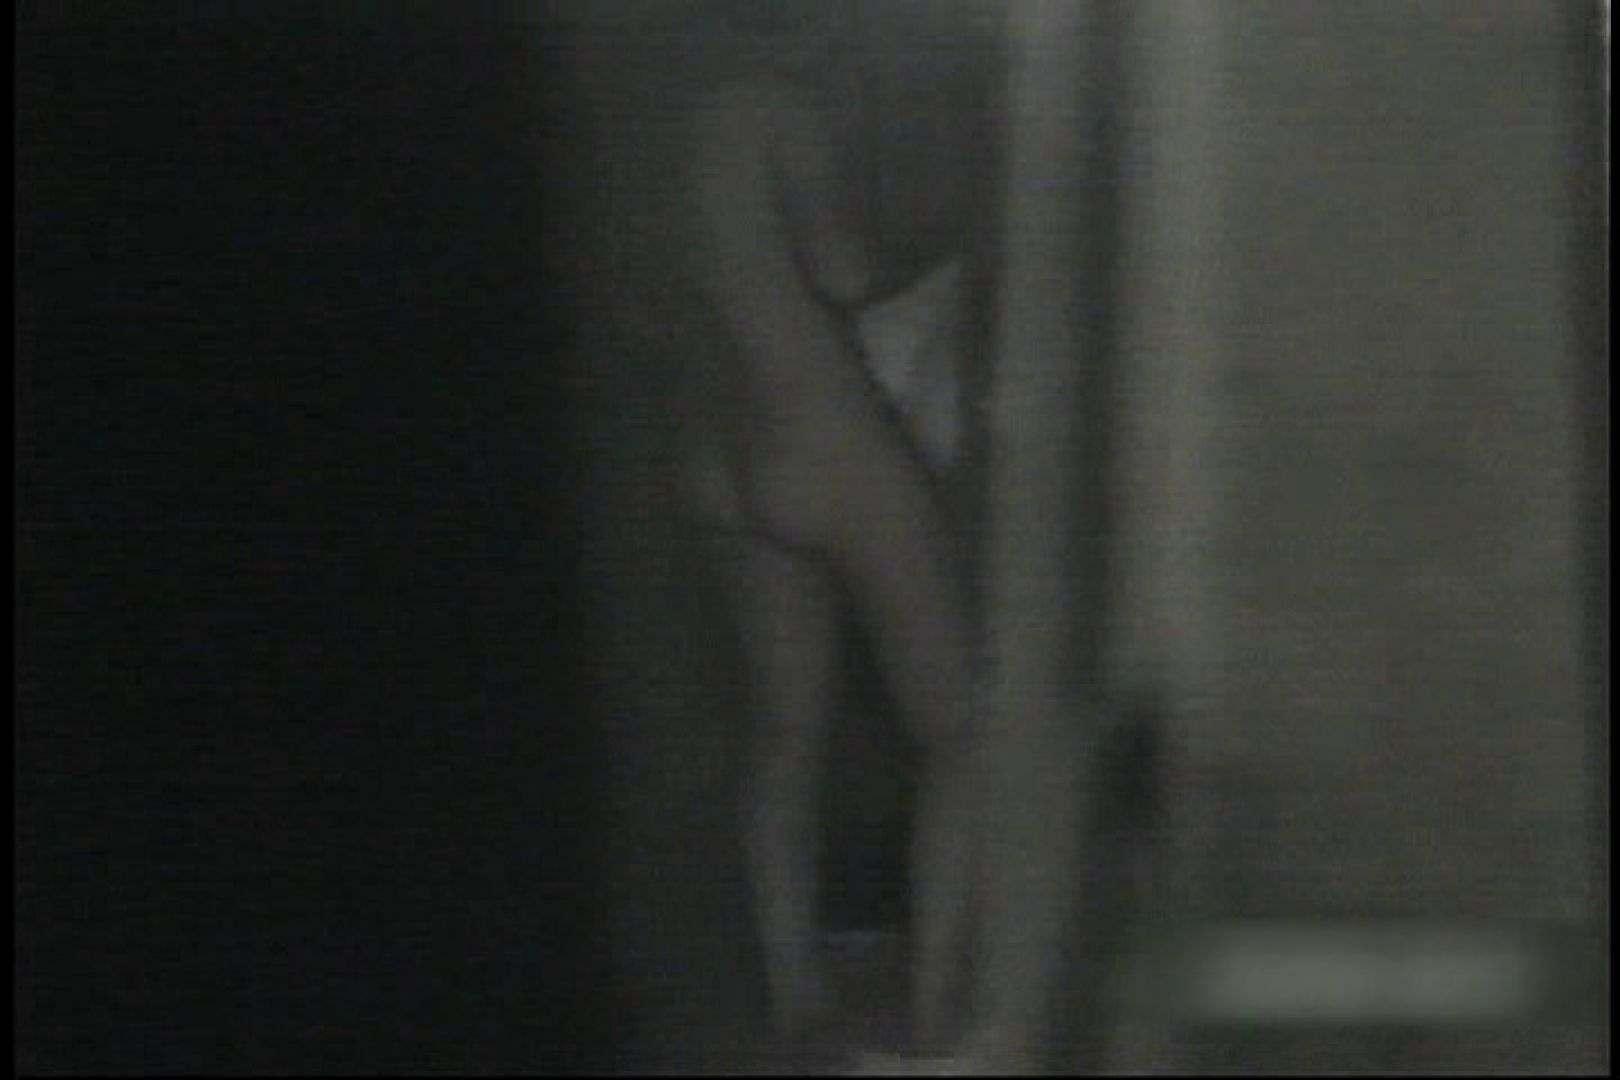 プライベートの極技!!Vol.15 セックスシーン SEX無修正画像 113枚